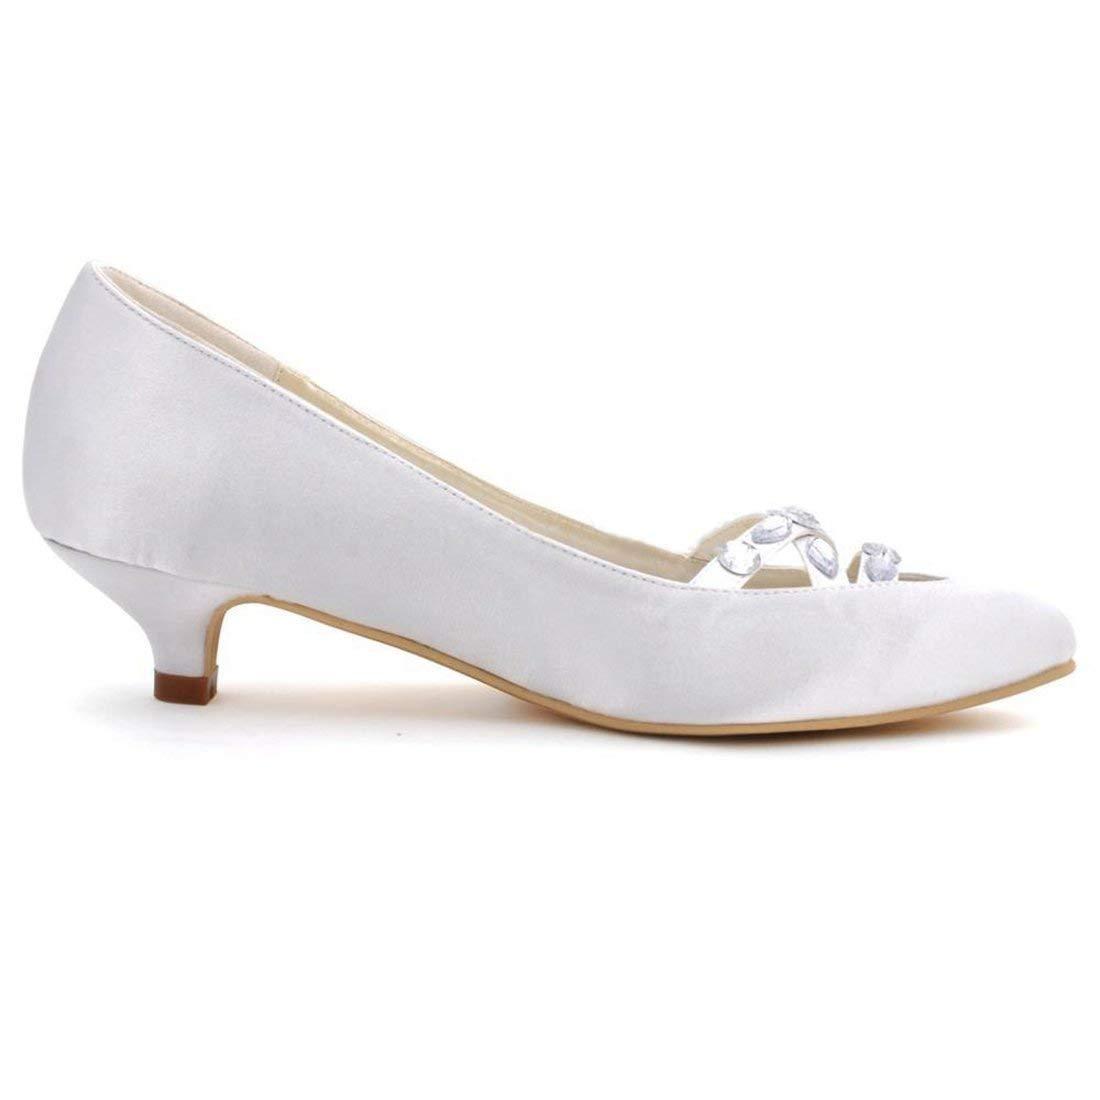 Qiusa Damen schöne Geraffte Knöchelriemen mit Knoten Satin schöne Damen Hochzeit Schuhe (Farbe   Weiß-6.5cm Heel Größe   2.5 UK) 9e2935